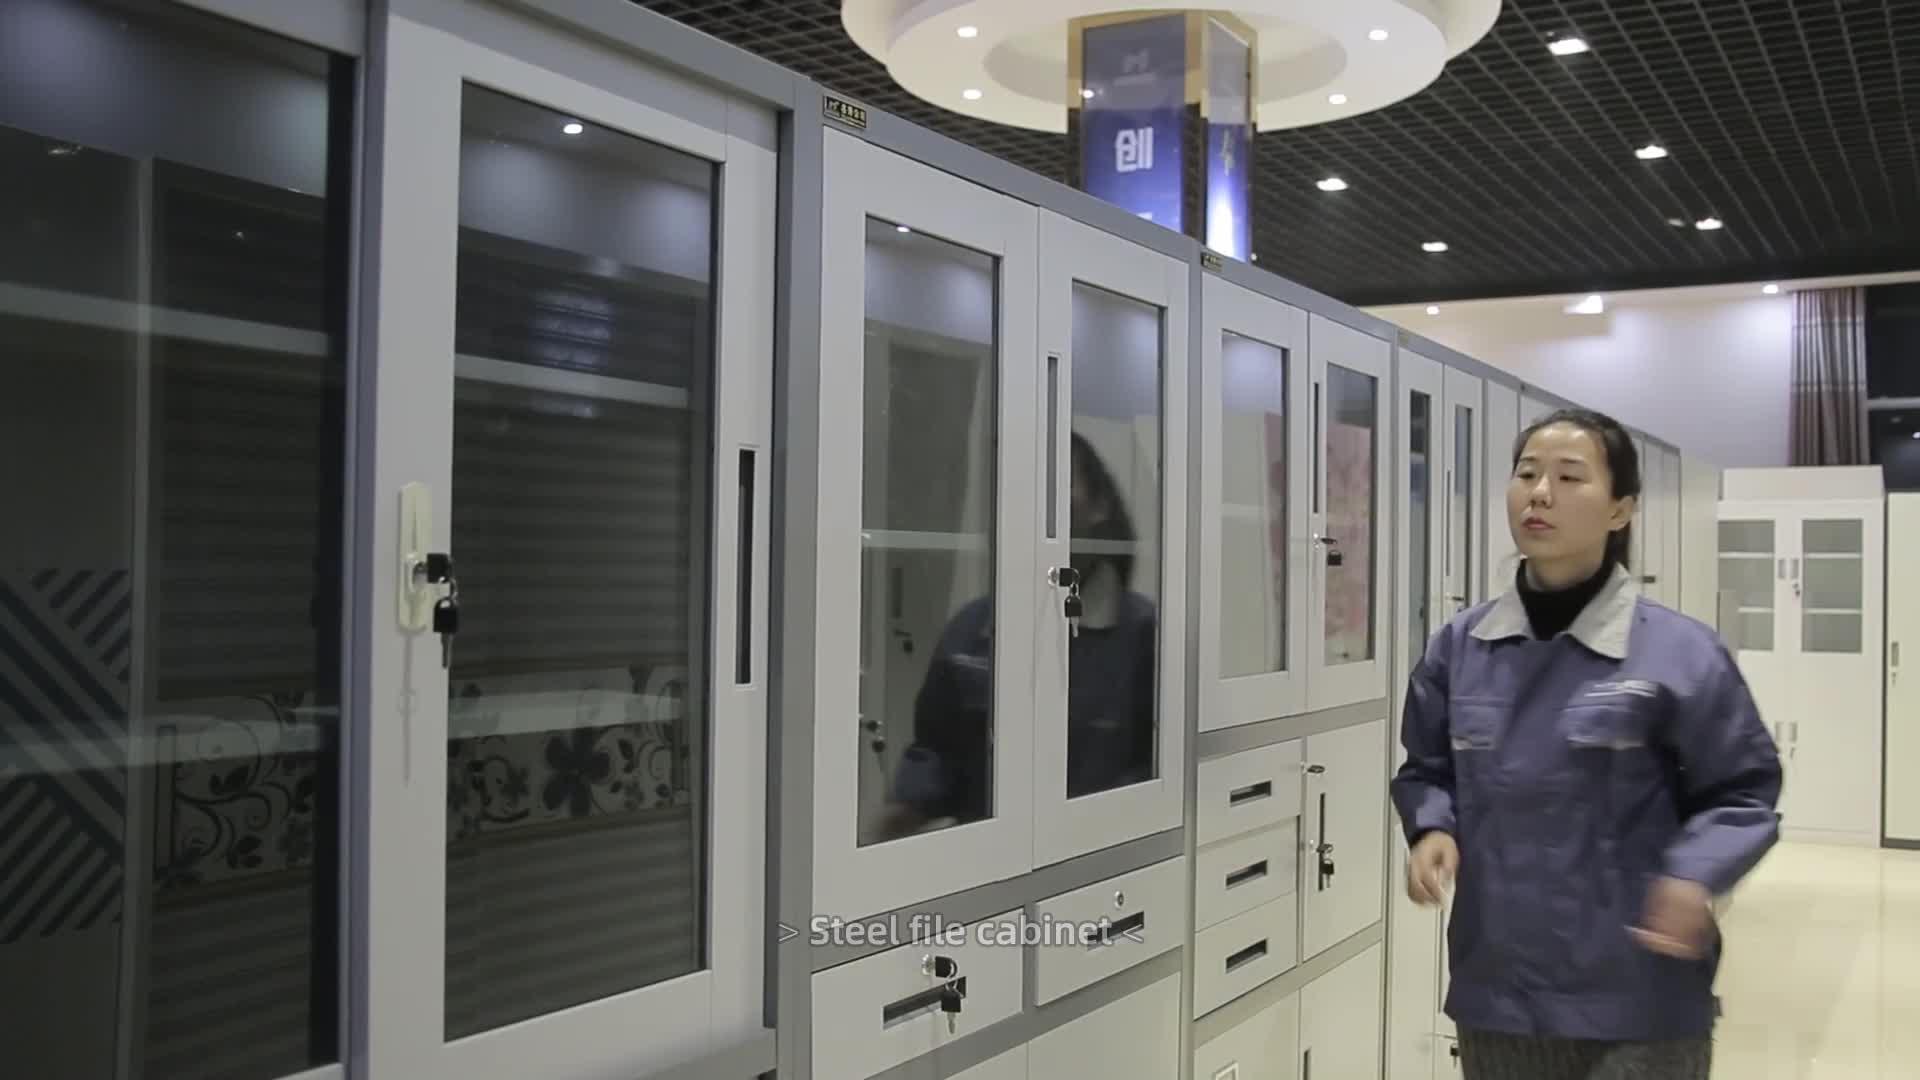 מפעל מחיר באיכות גבוהה פלדה משרד ריהוט תעשייתי מתכת אחסון ארונות/ארון שתי דלתות